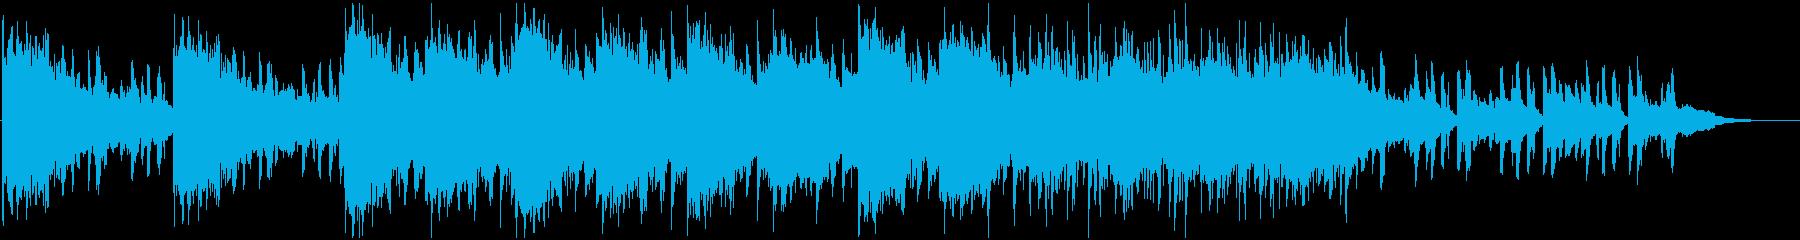 不穏でダーティーなBGMの再生済みの波形